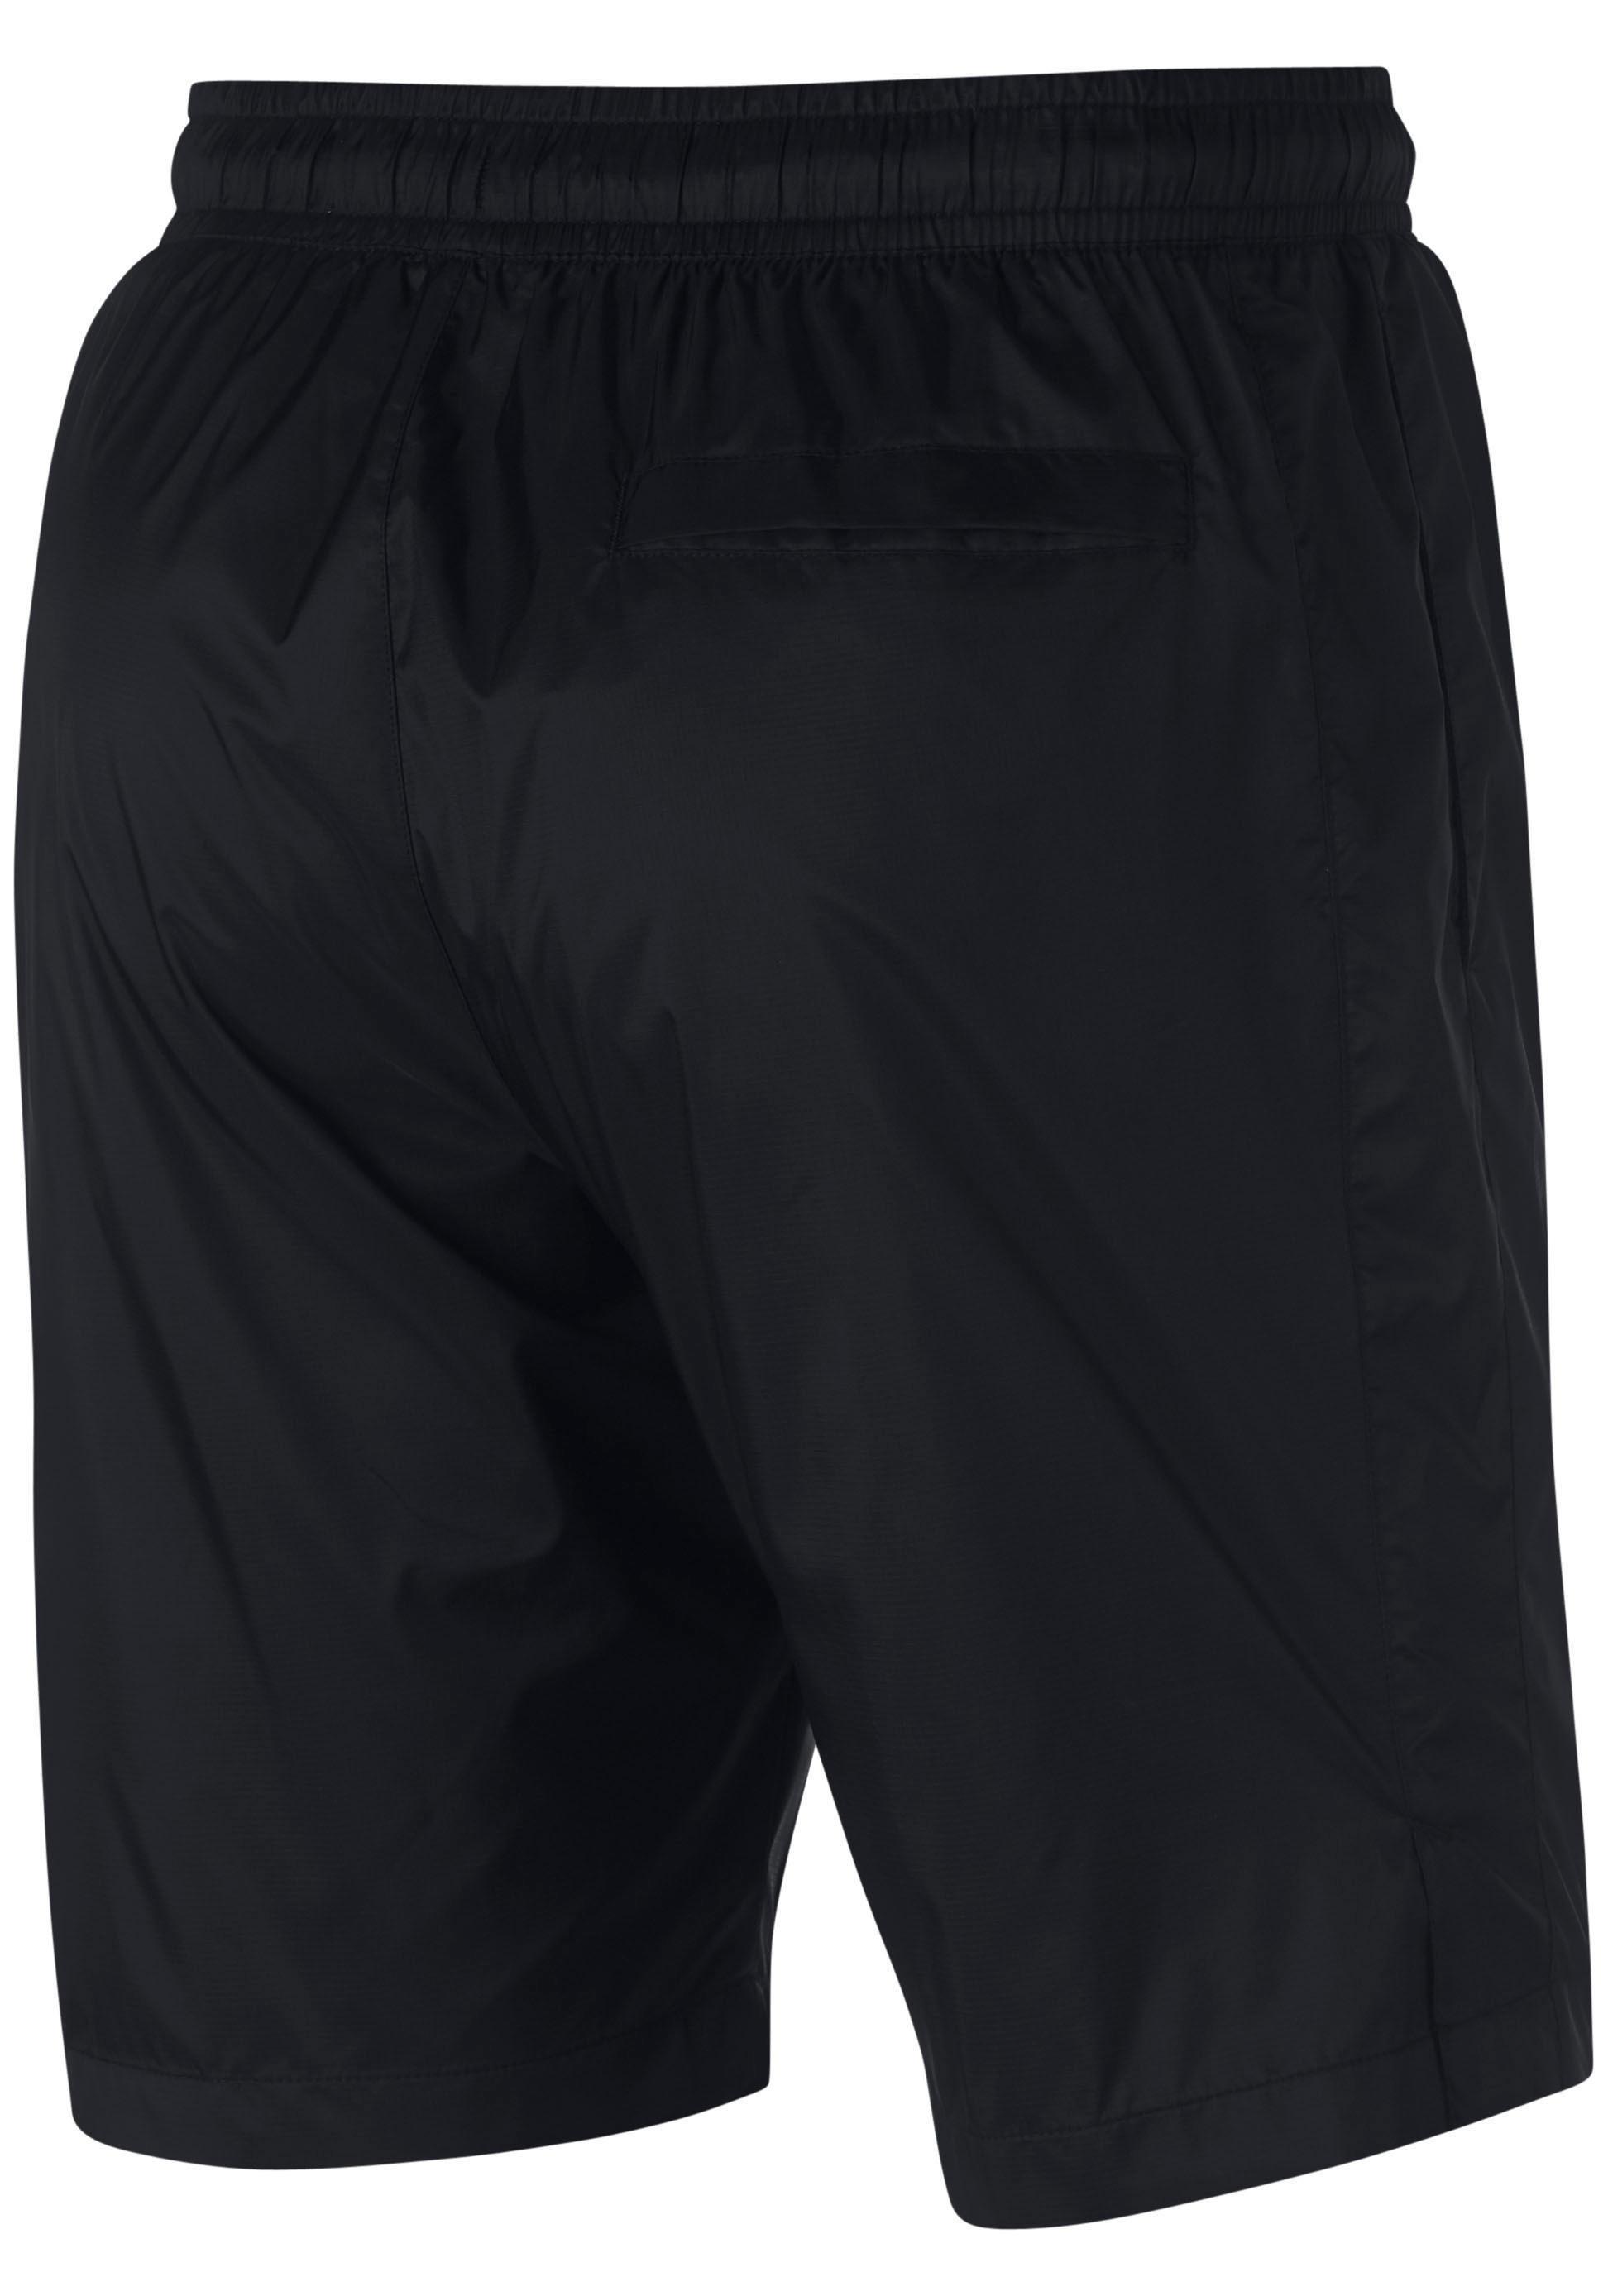 Core Nike Trk Vind Sportswear Ce Shortm Nsw Wvn Je Short Bij fgIb7Y6yv